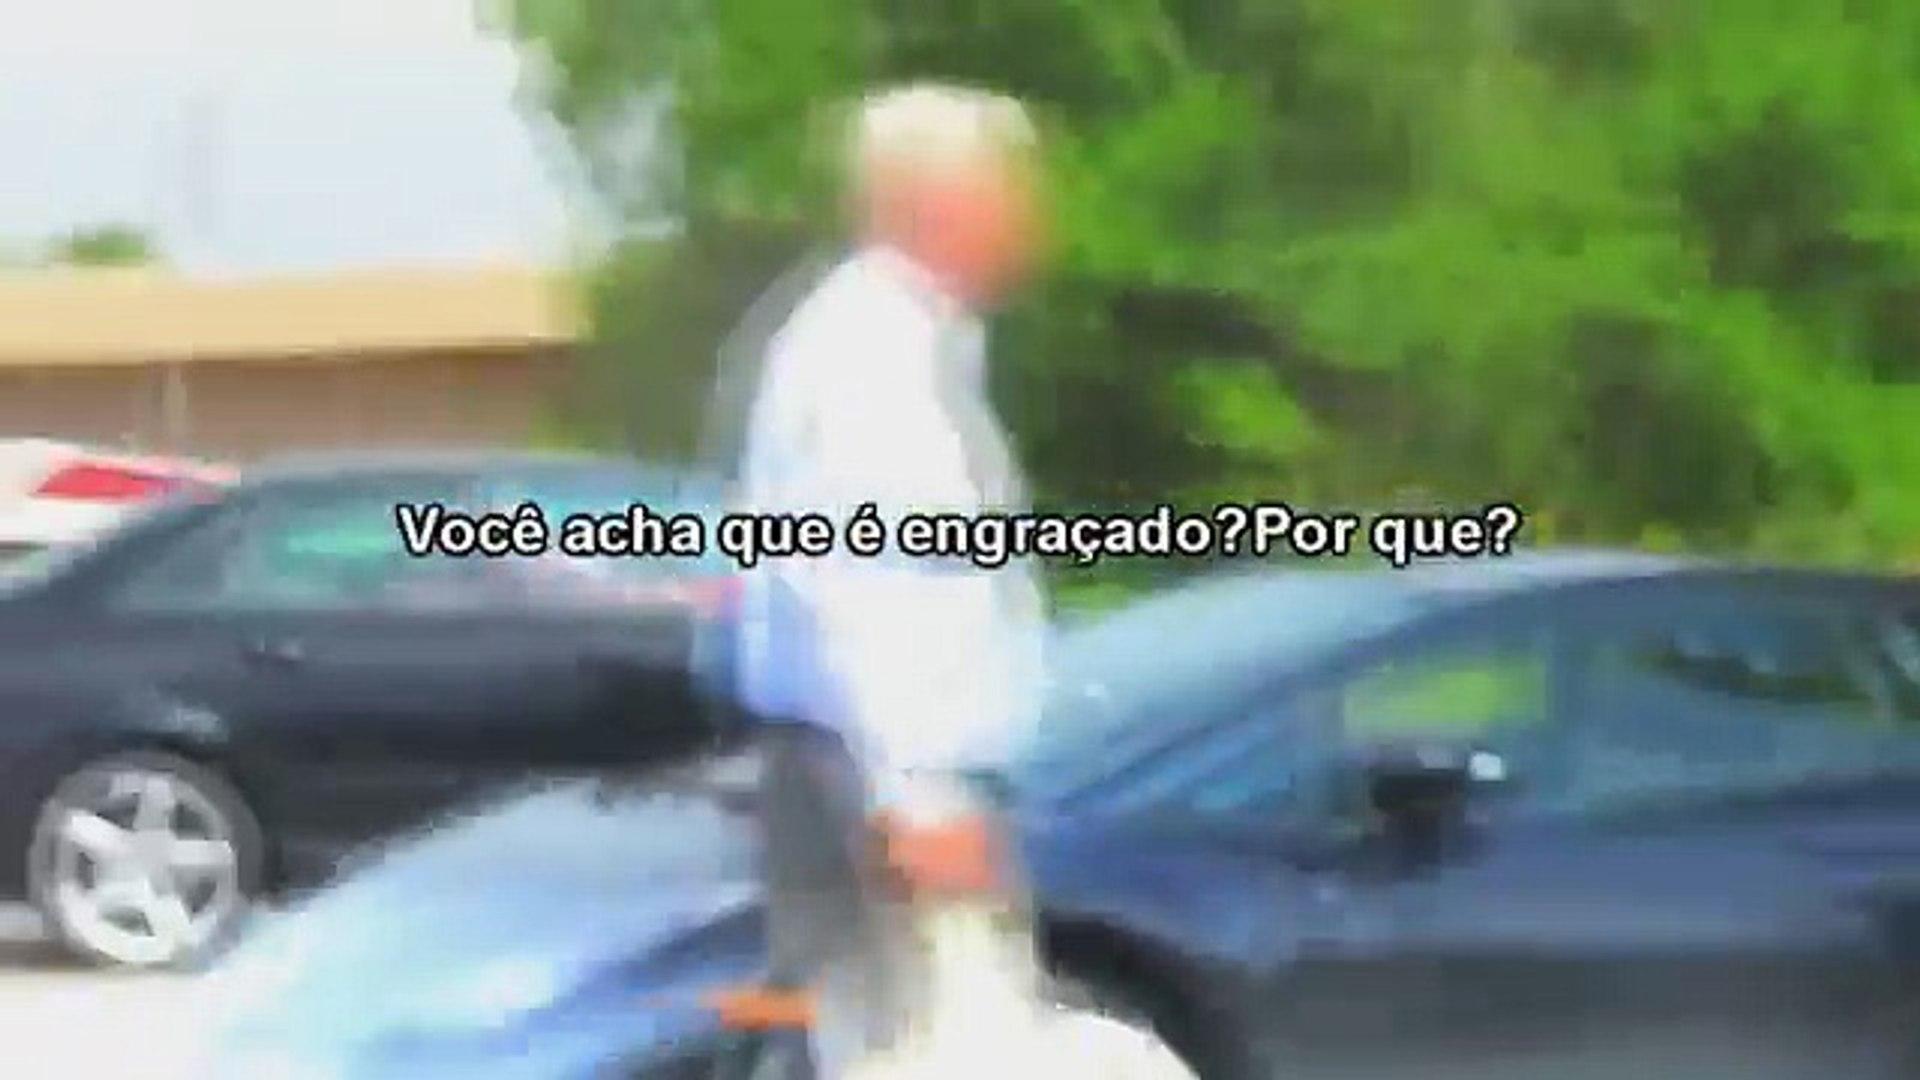 Pegadinhas Que Não Deram Certo Brasil Socos, tapas e Policia   Parte 7(Deu Errado)